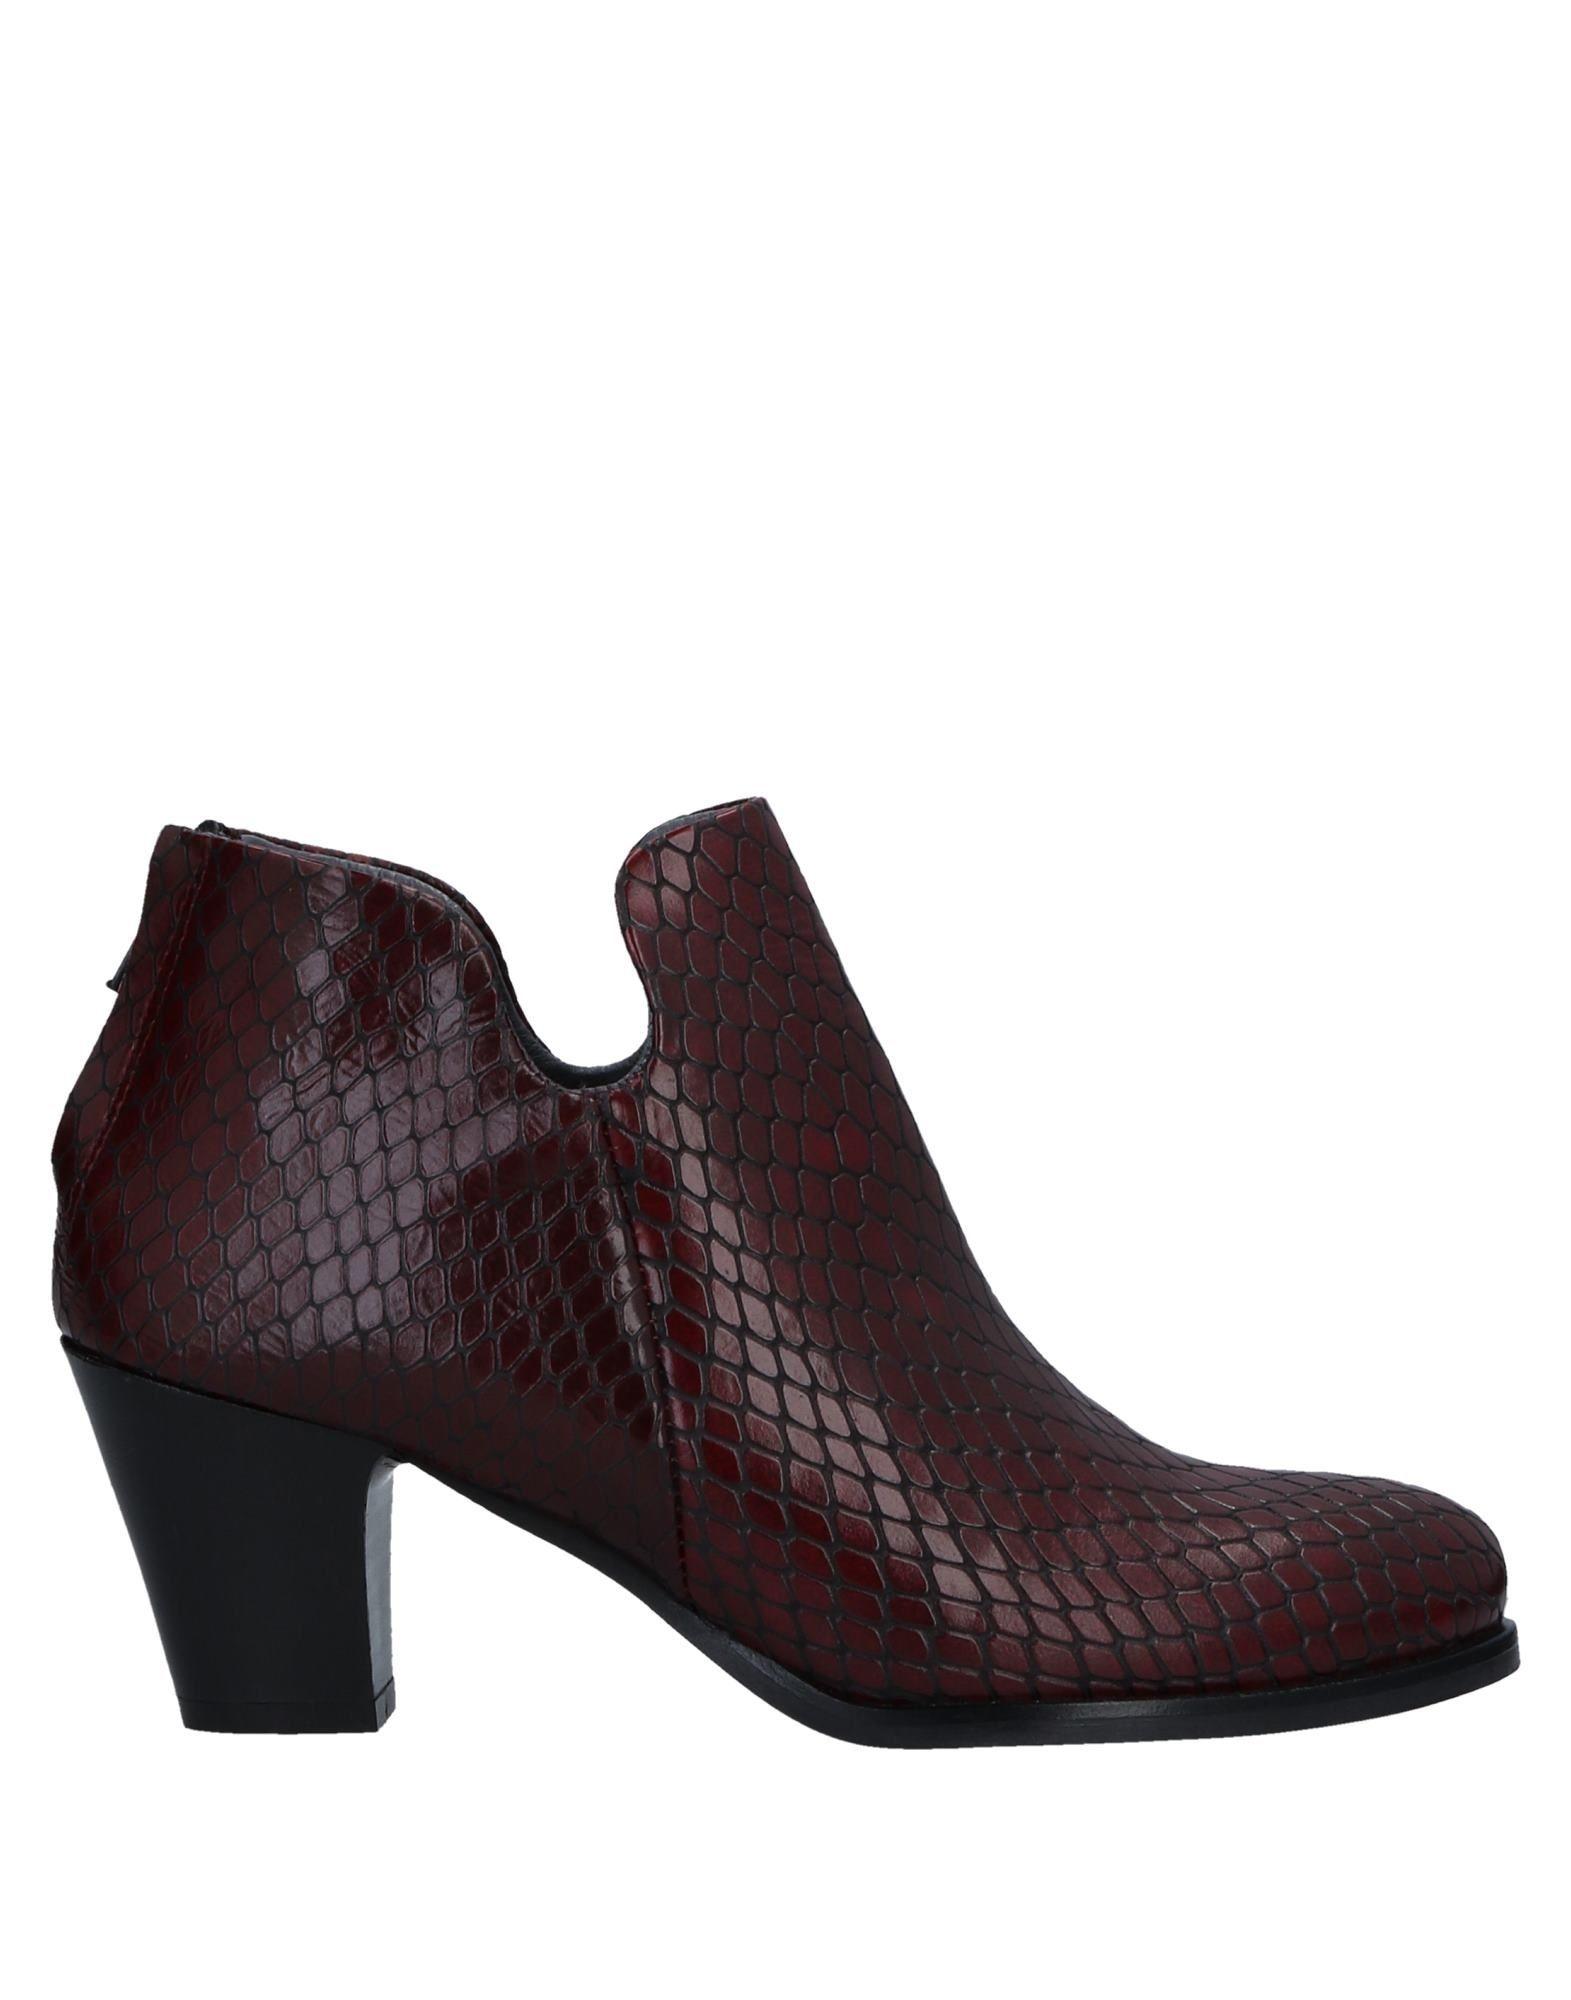 FOOTWEAR Lilimill Maroon Woman Leather